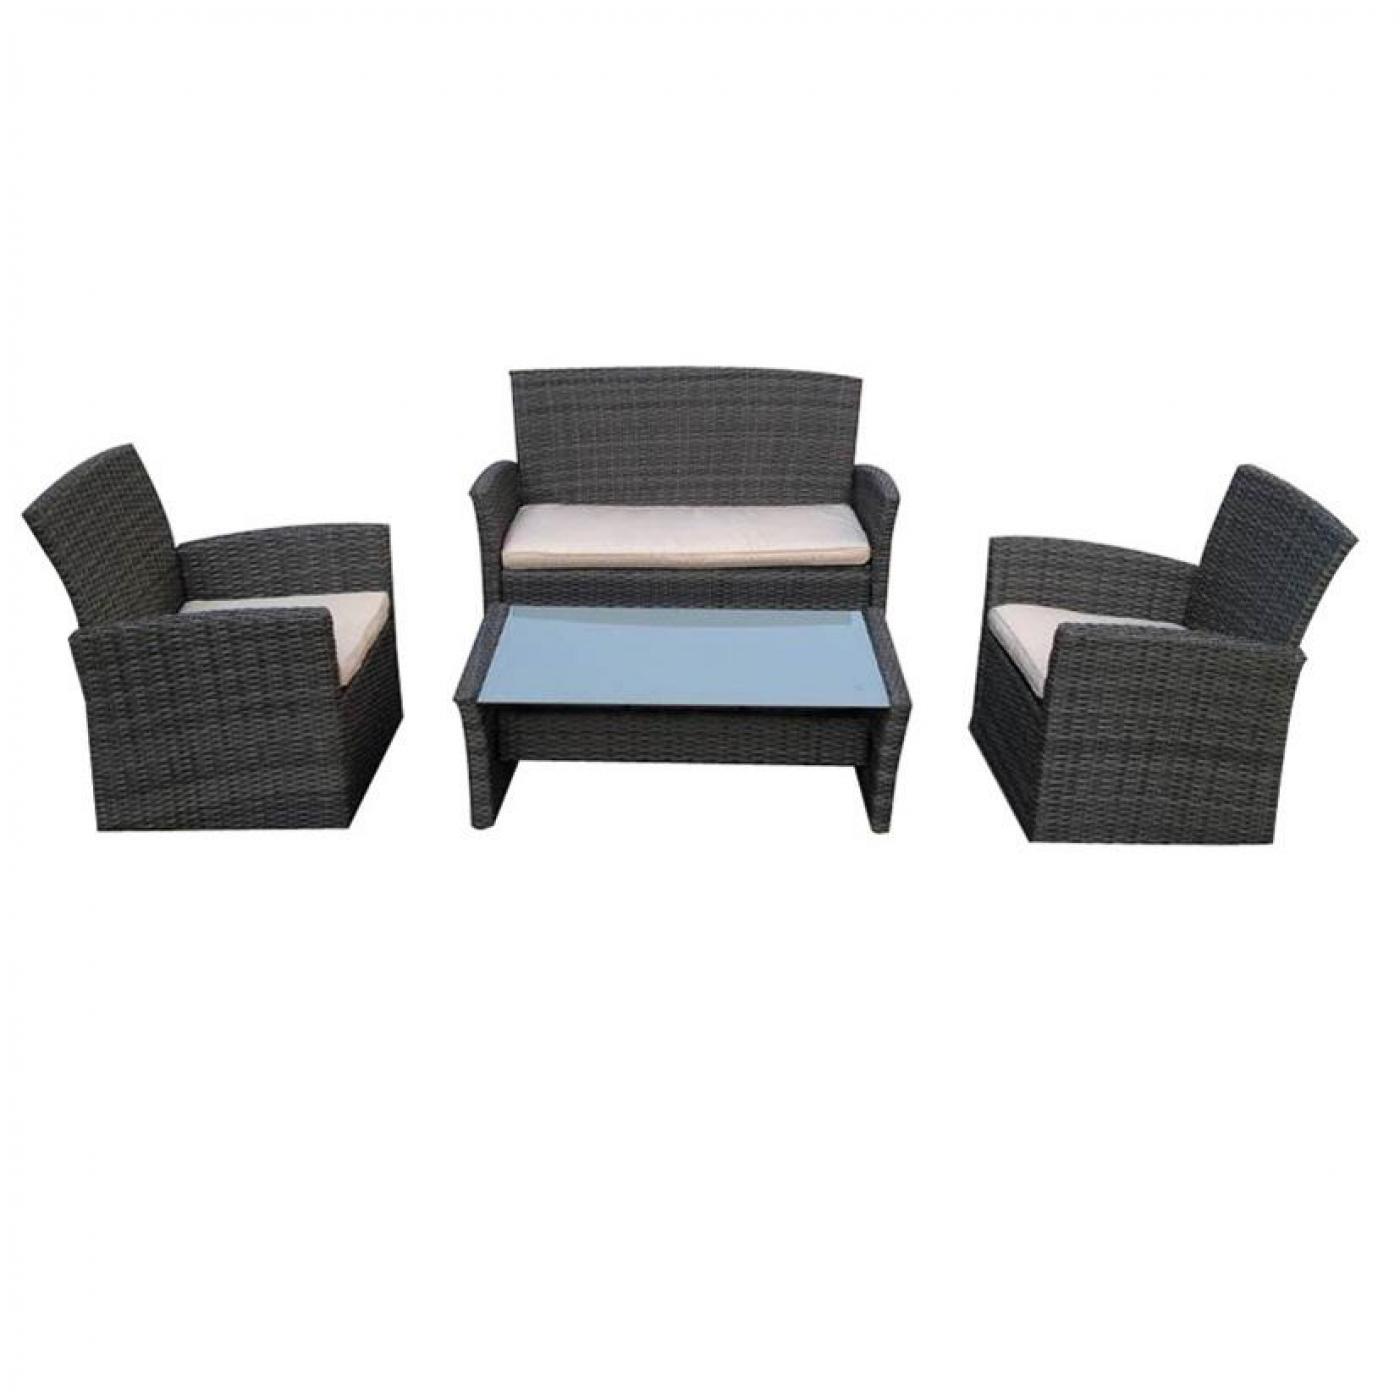 Comprar mobiliario para jardin compara precios en for Mobiliario de jardin ofertas